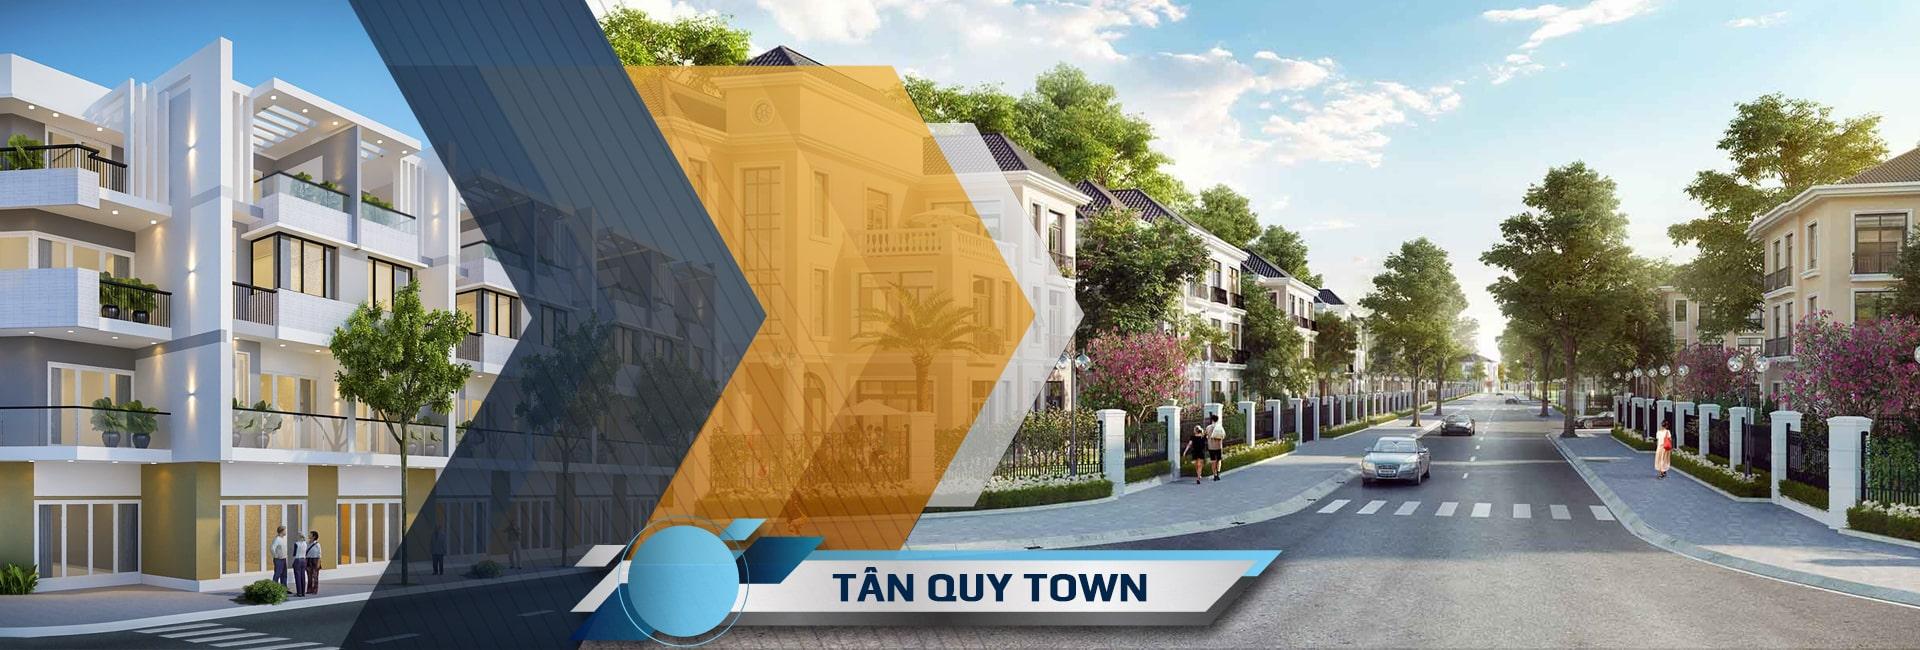 Tân Quy Town